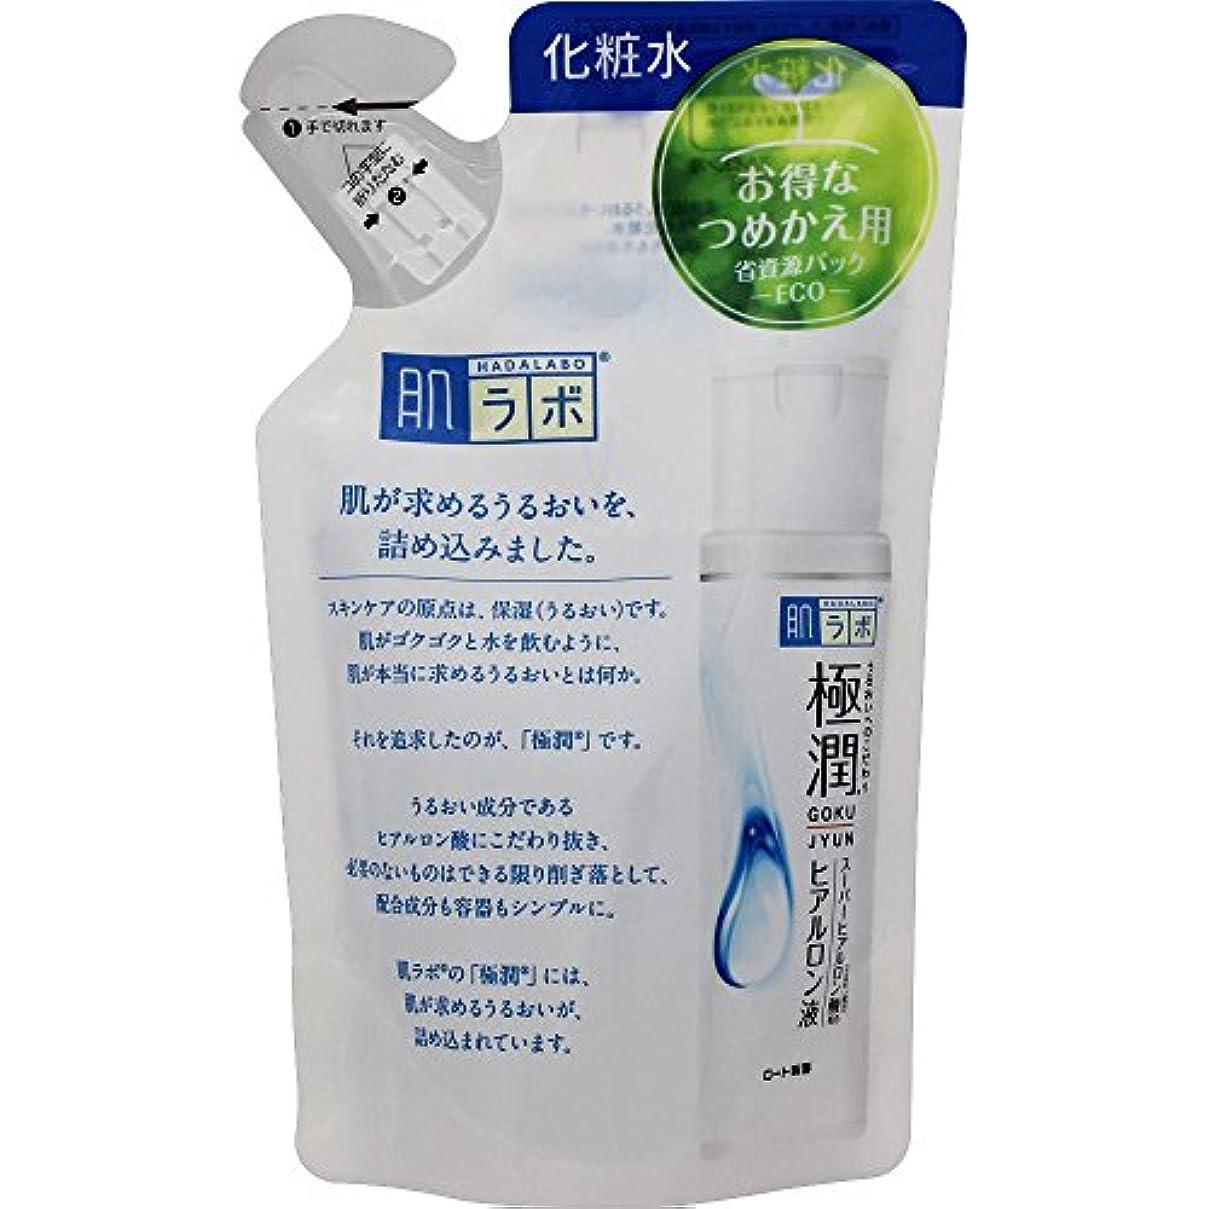 ディーラー明示的にエリート肌ラボ 極潤 ヒアルロン酸 化粧水 ヒアルロン酸3種配合 詰替用 170ml